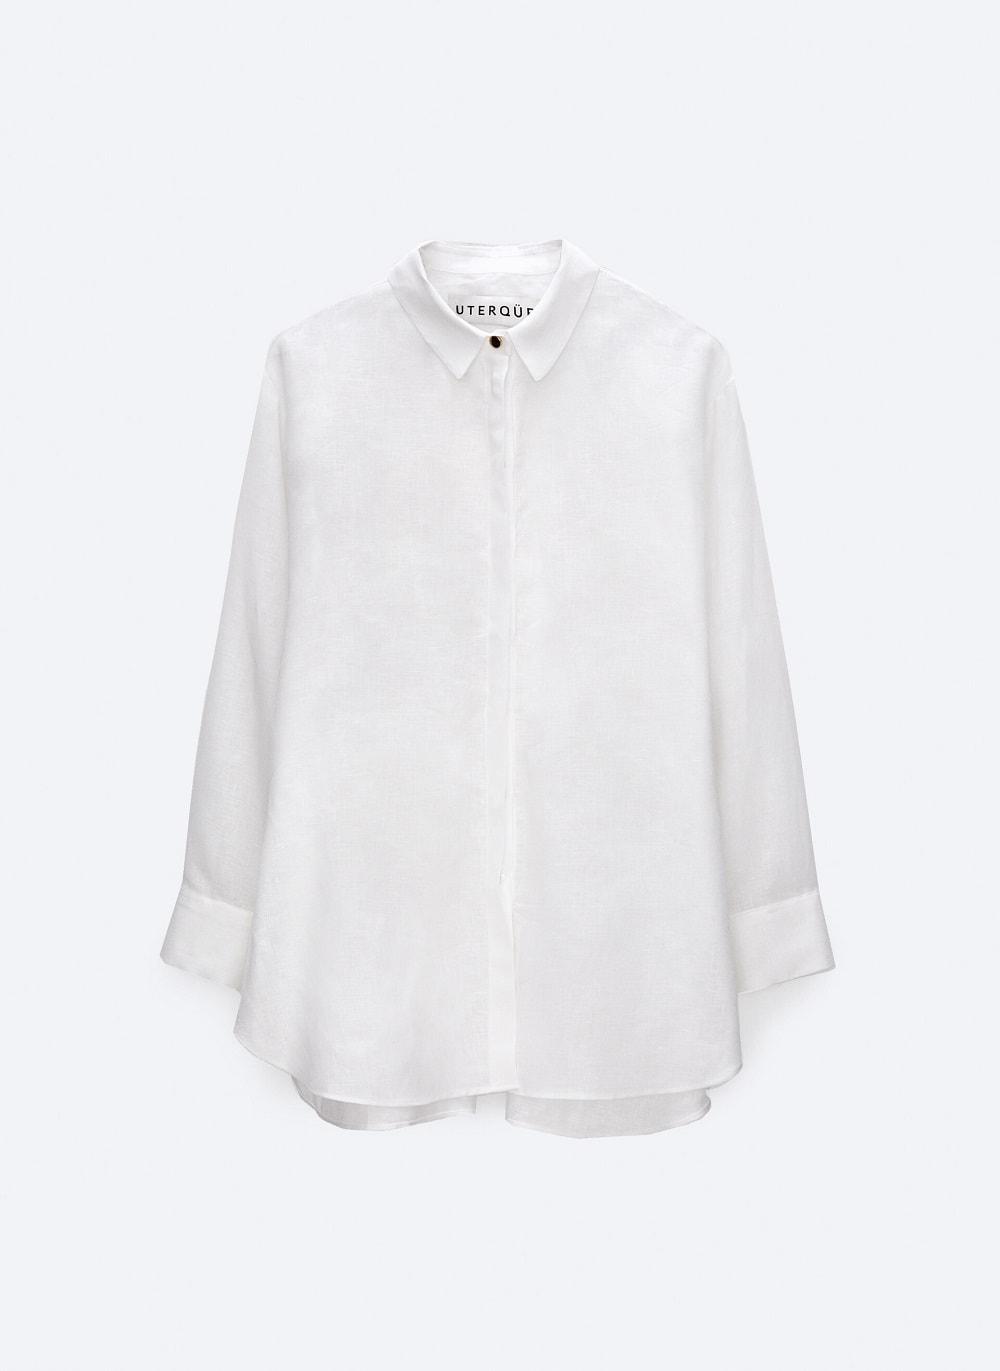 Uterque lanena košulja proljeće ljeto 2021.